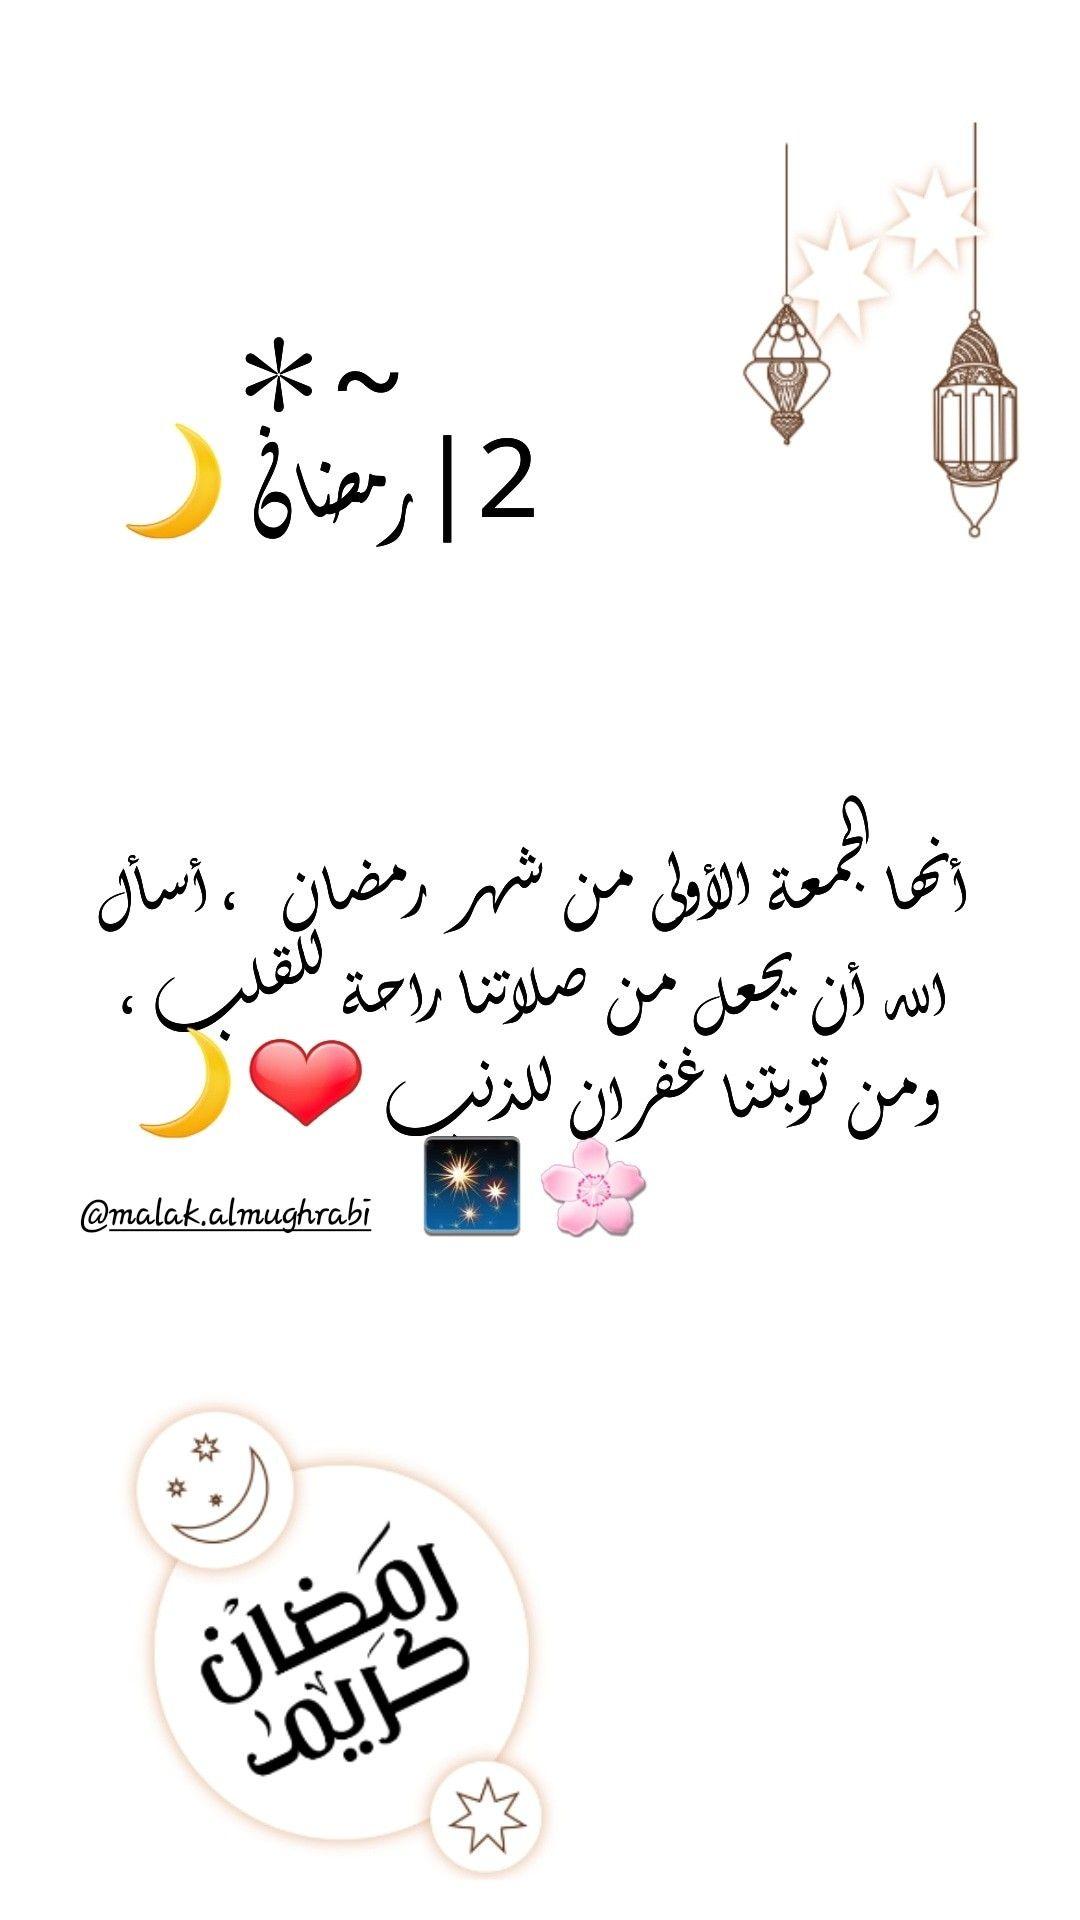 2 رمضان أنها الجمعة الأولى من شهر رمضان أسأل الله أن يجعل من صلاتنا راحة للقلب ومن توبتنا غفران للذنب Ramadan Decorations Ramadan Day Ramadan